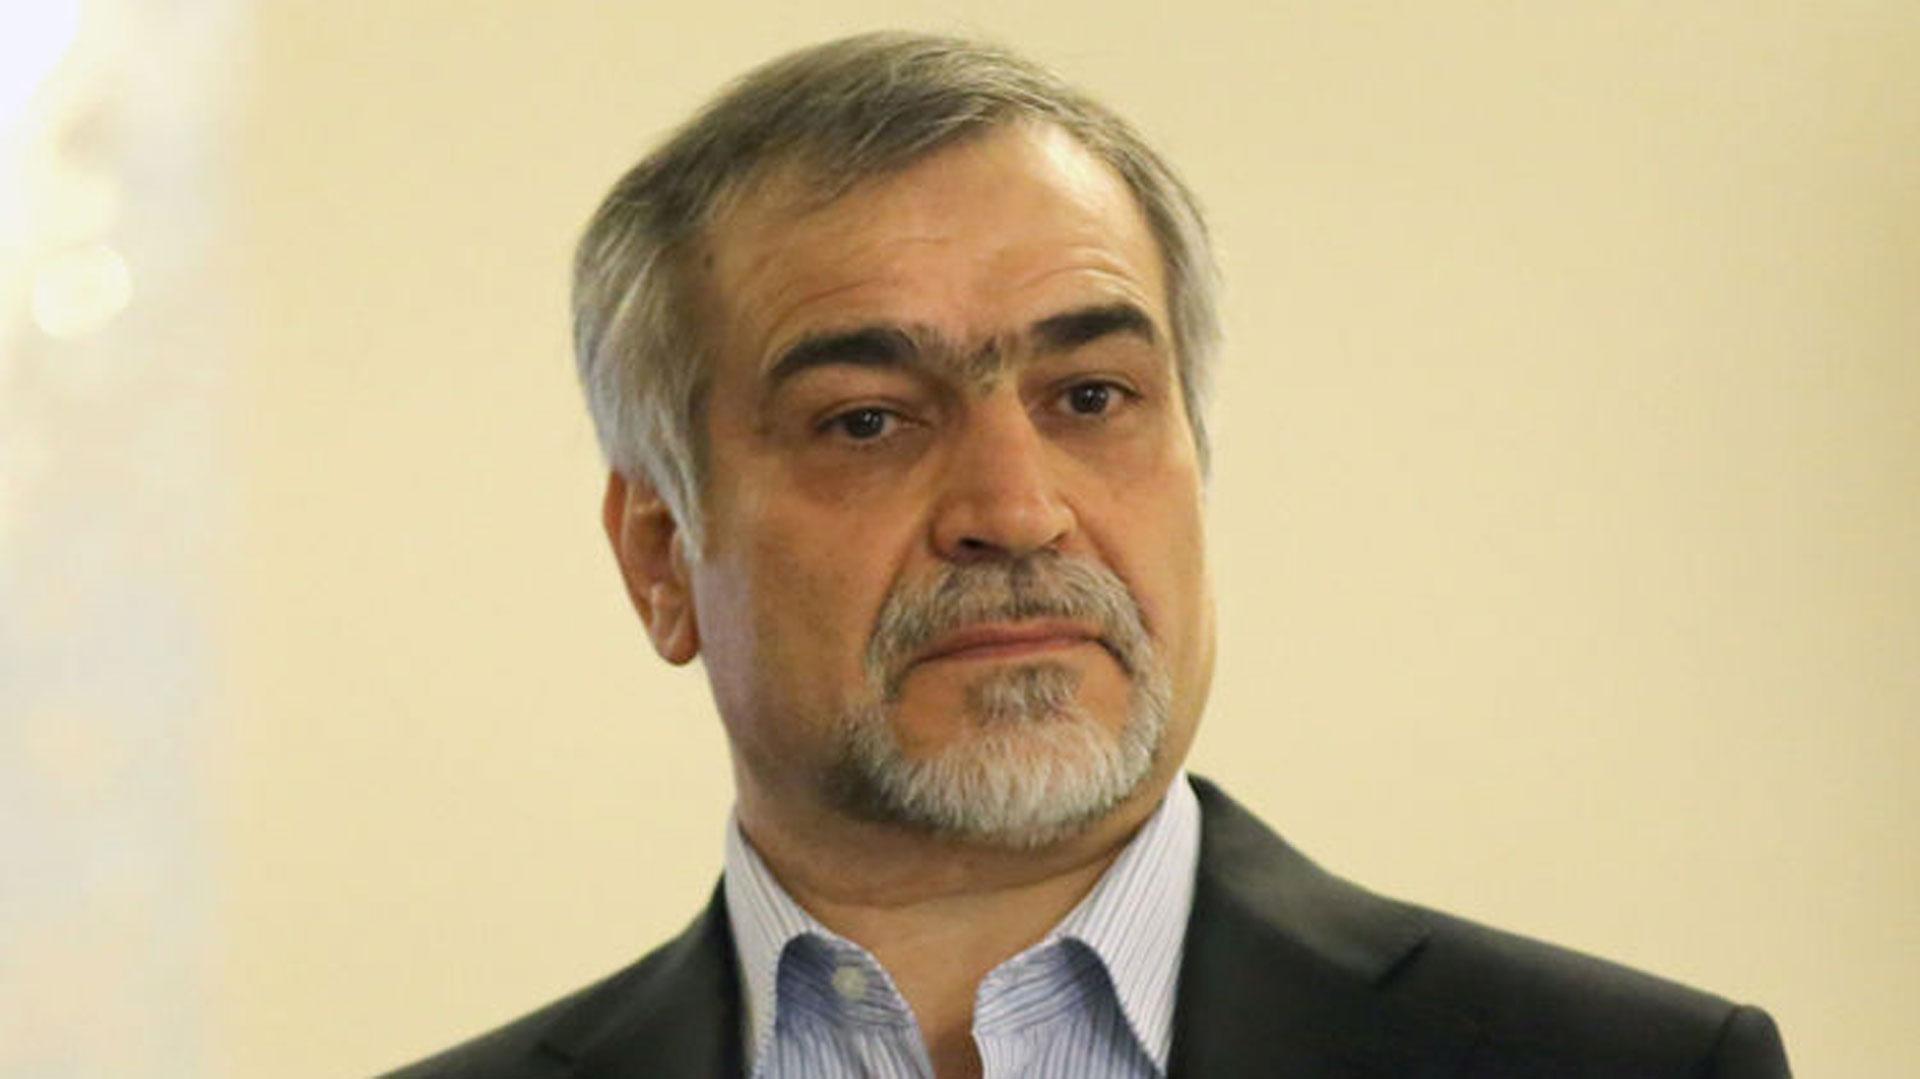 Desde marzo, no se sebía nada de Hossein Rouhani y en Irán circulaban rumores de que estaba detenido